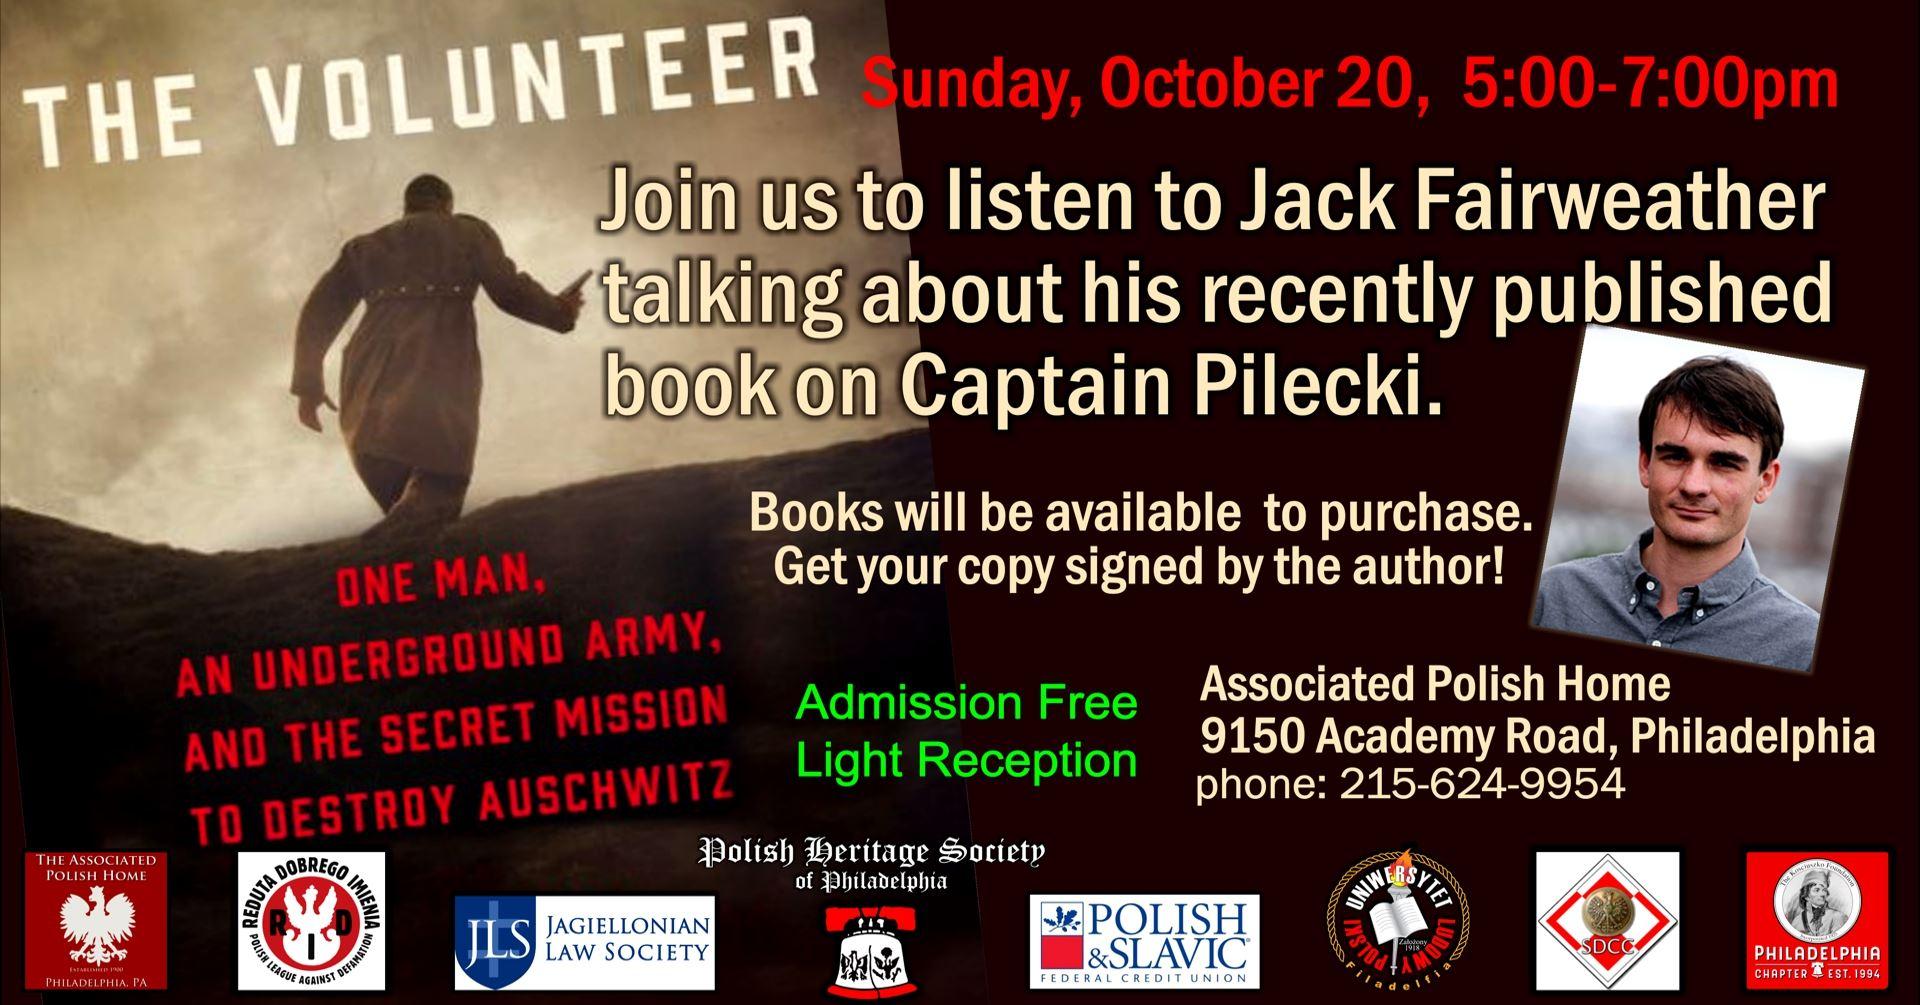 The Volunteer: One Man & The Secret Mission to Destroy Auschwitz. Jack Fairweather in Philadelphia